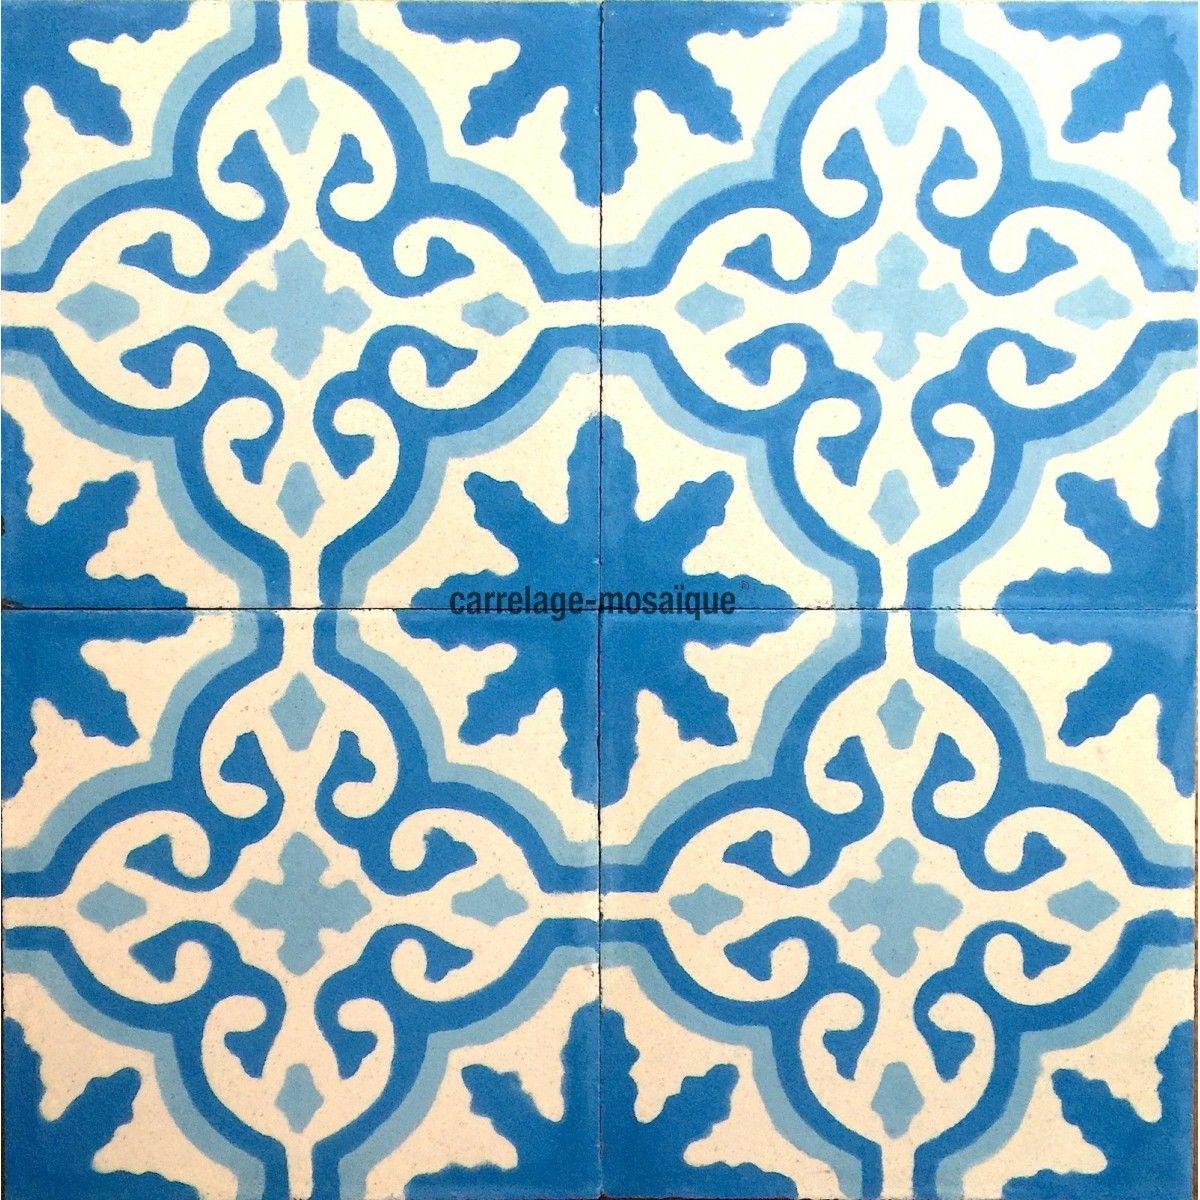 Carreaux En Ciment 1m Modele Flore Bleu Carrelage Mosaique